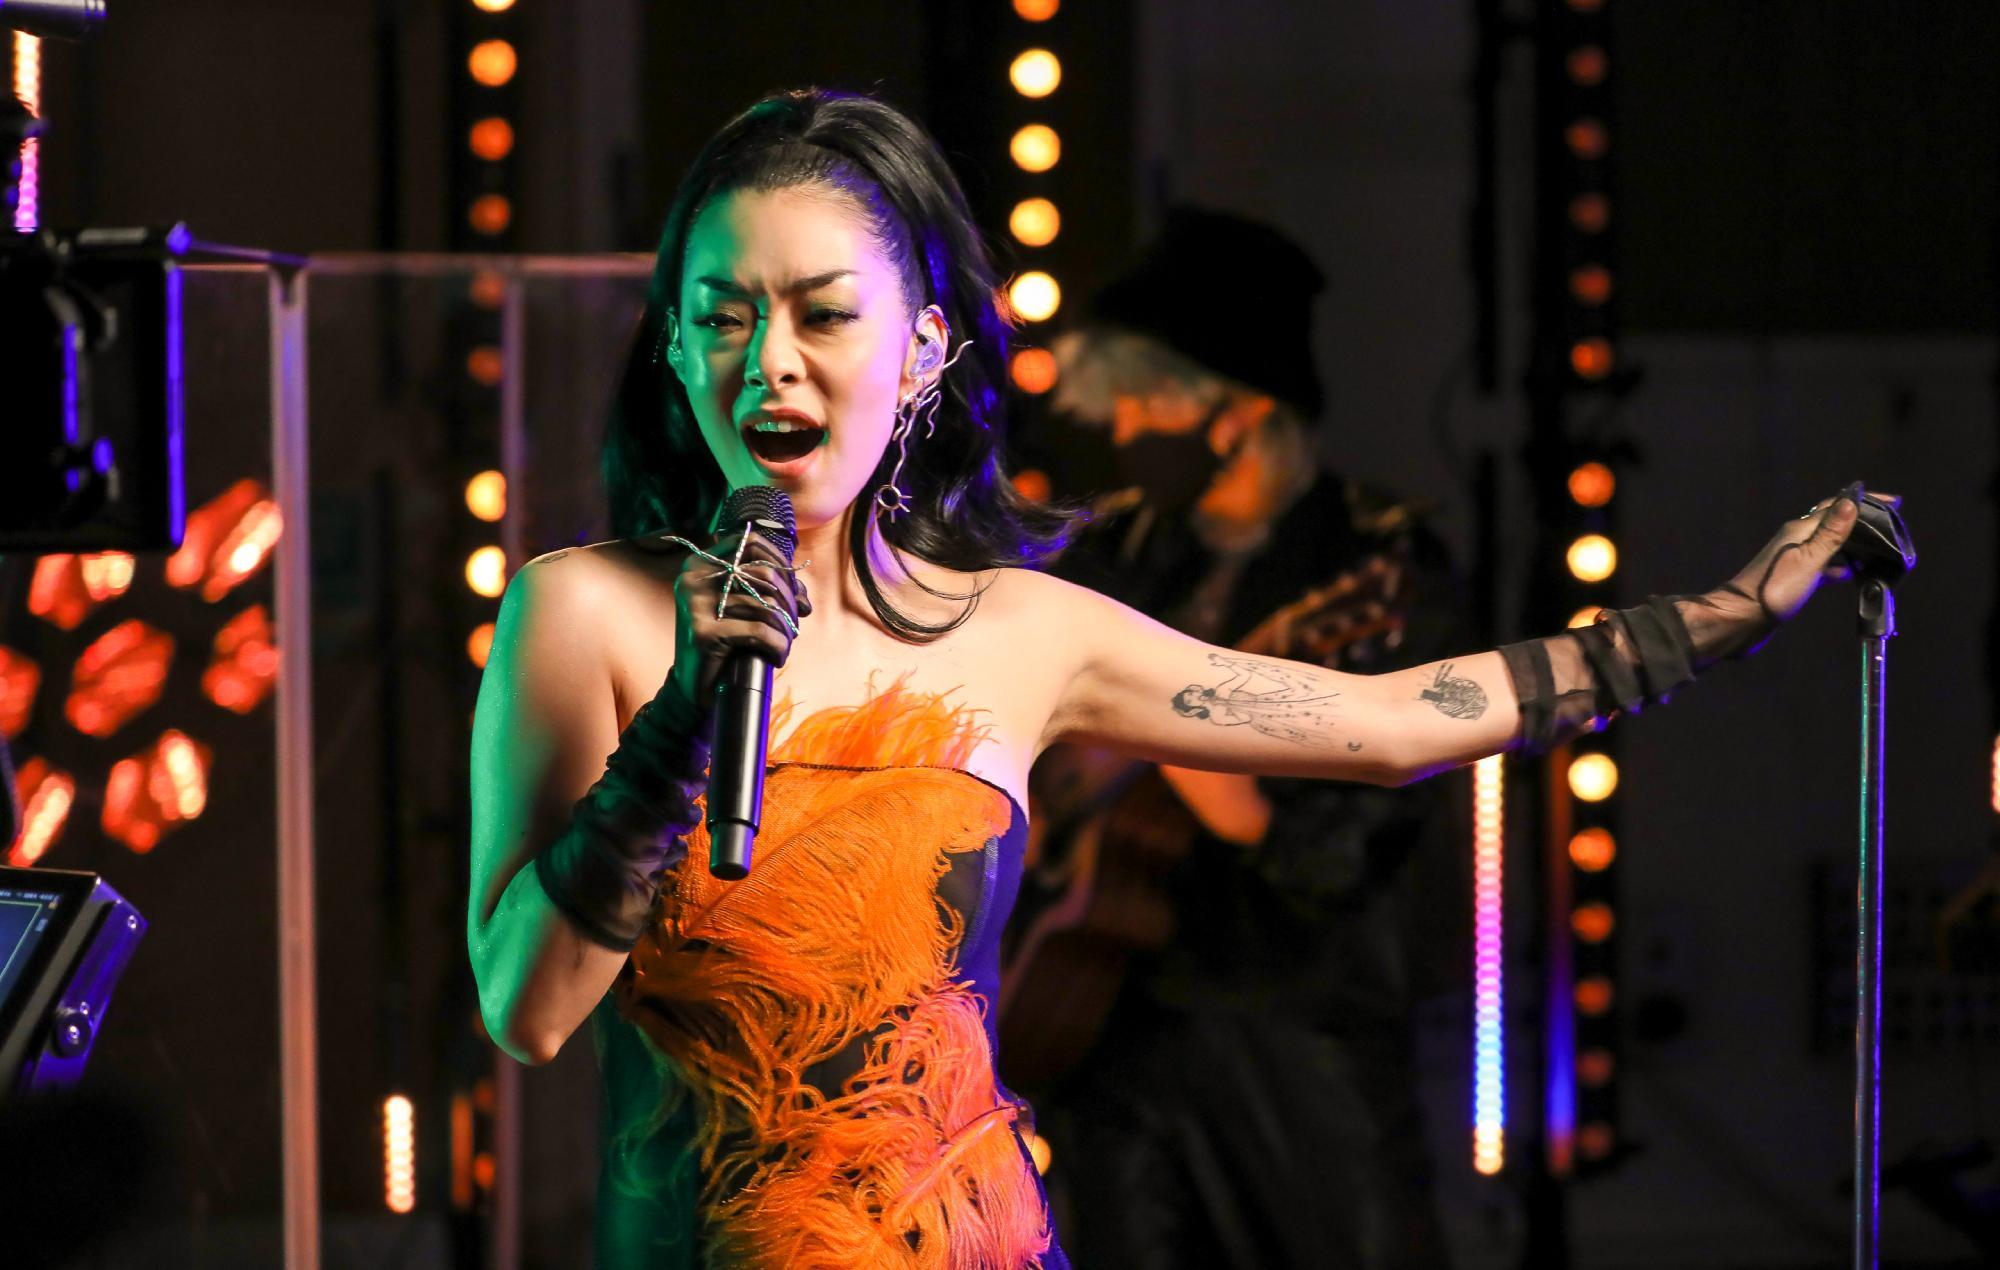 Rina Sawayama performs 'XS' at Abbey Road to celebrate BRITs Rising Star nomination